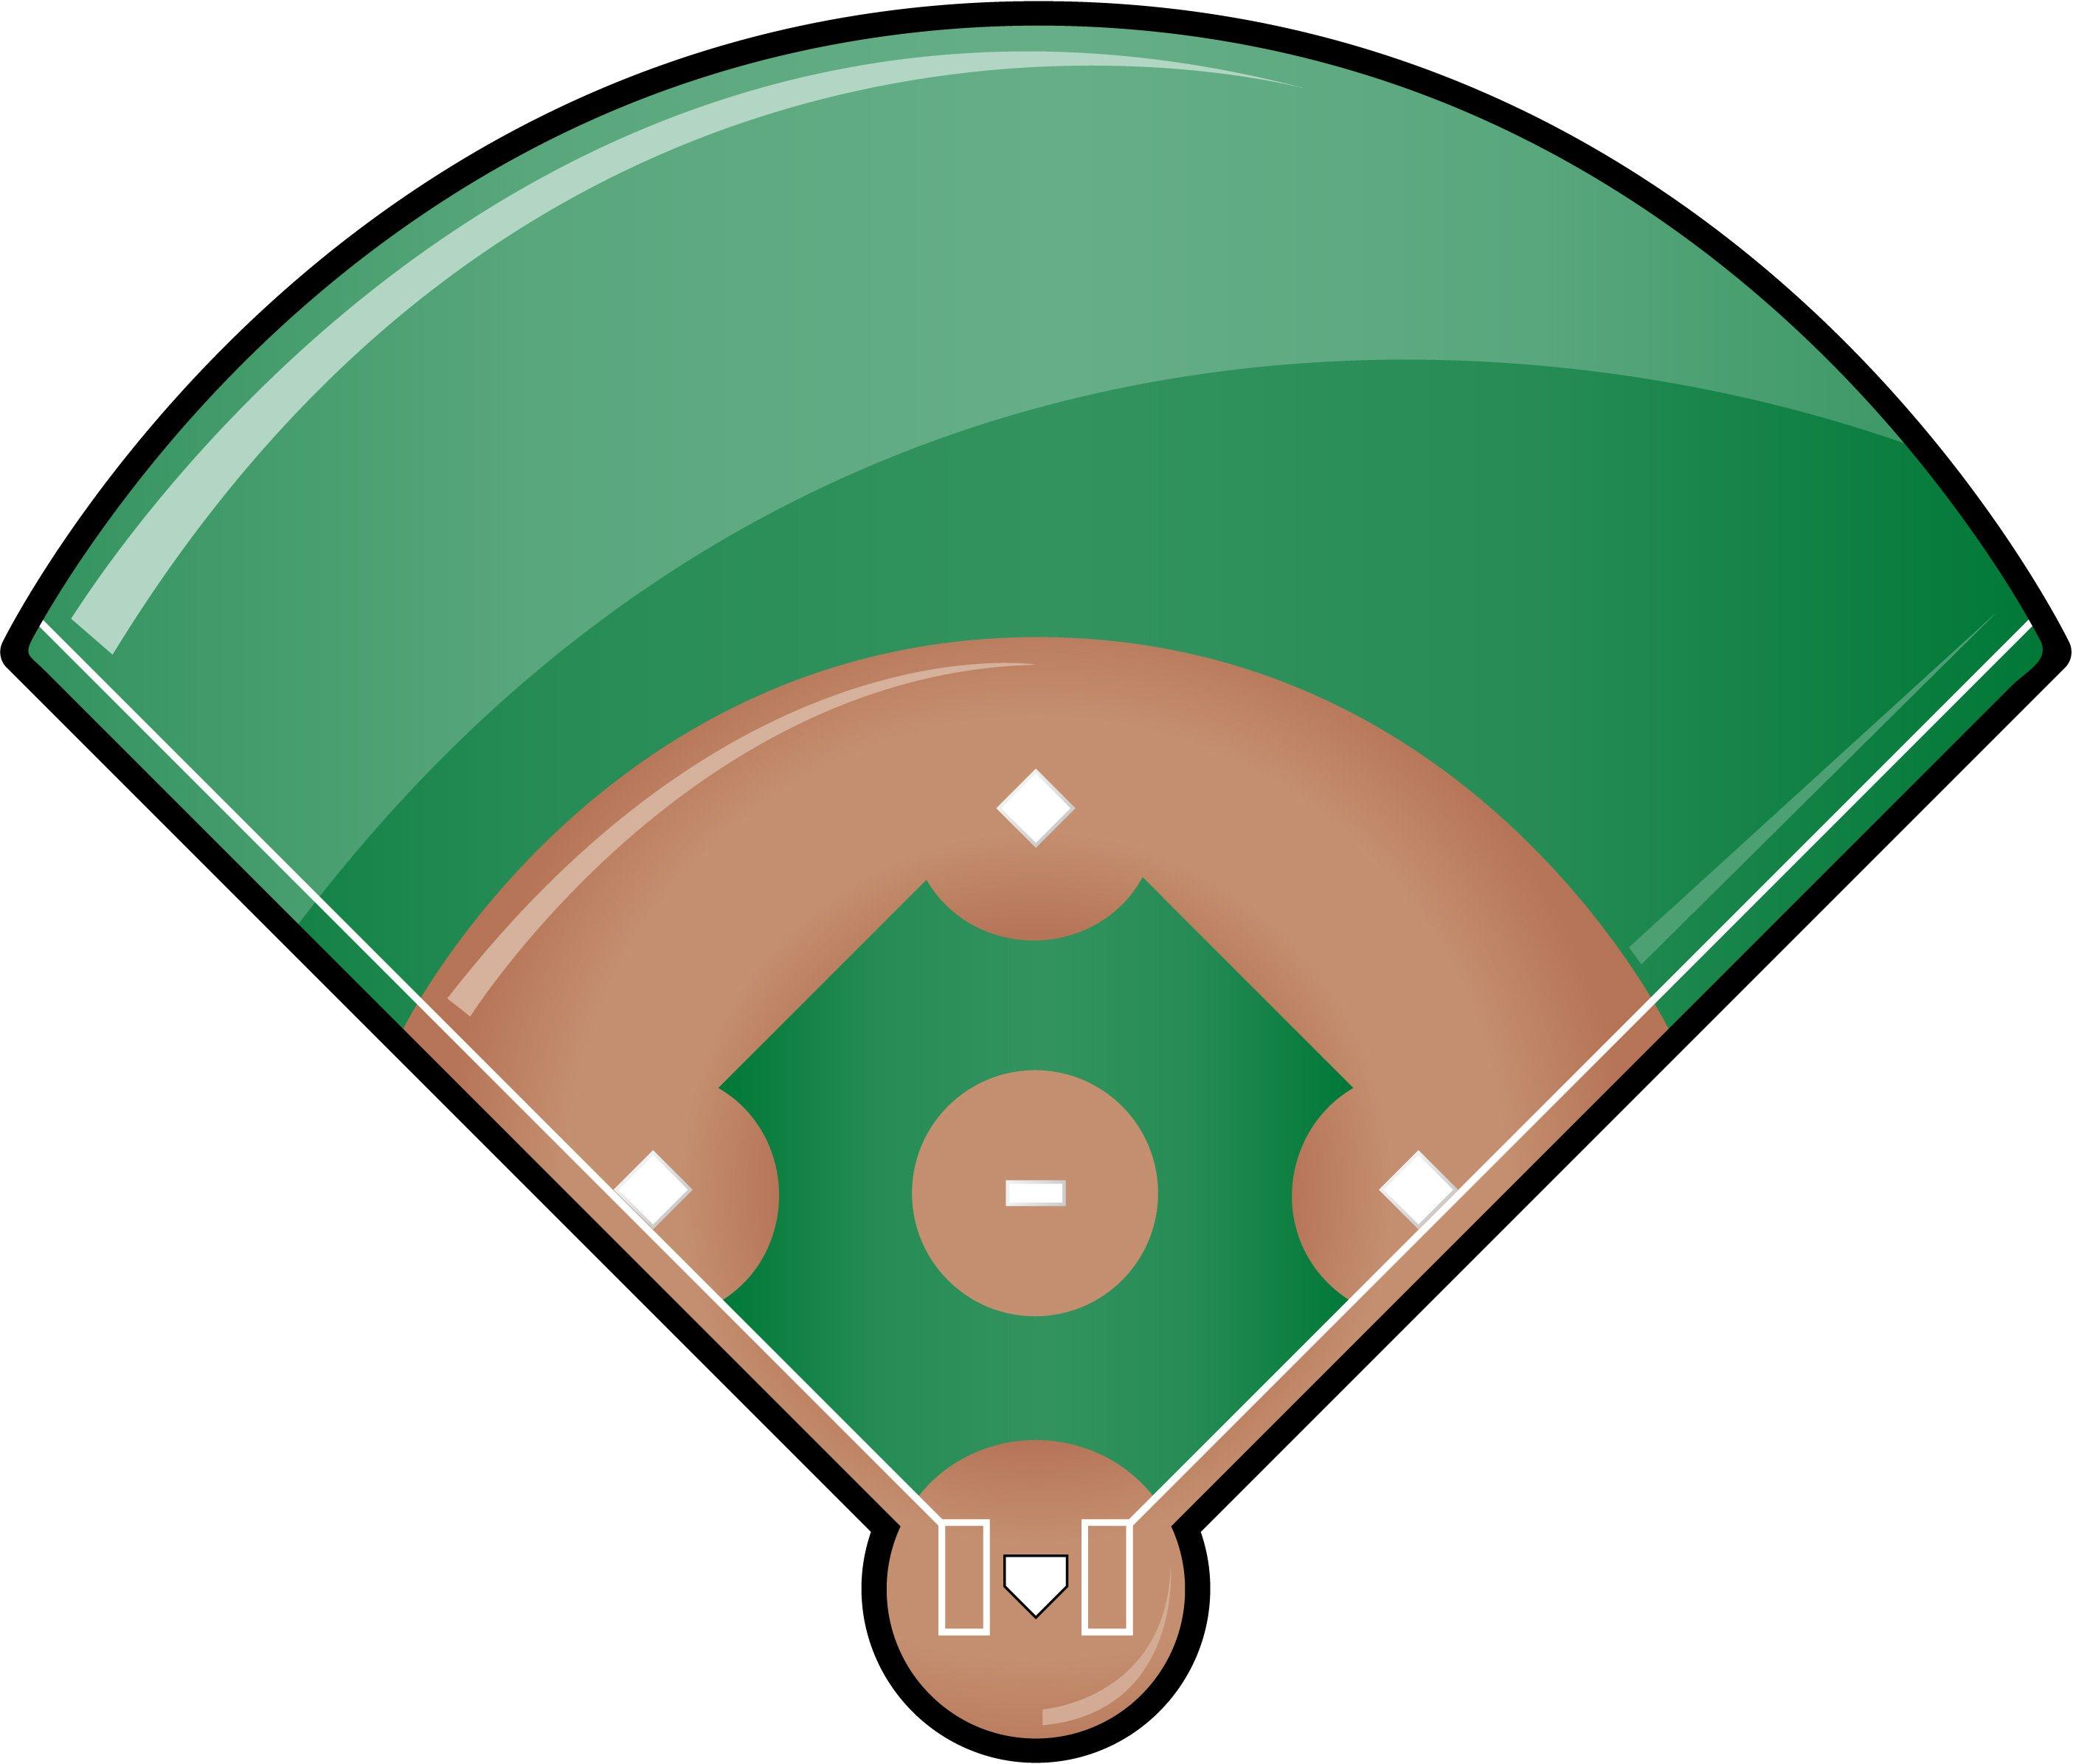 Baseball Diamond Printable